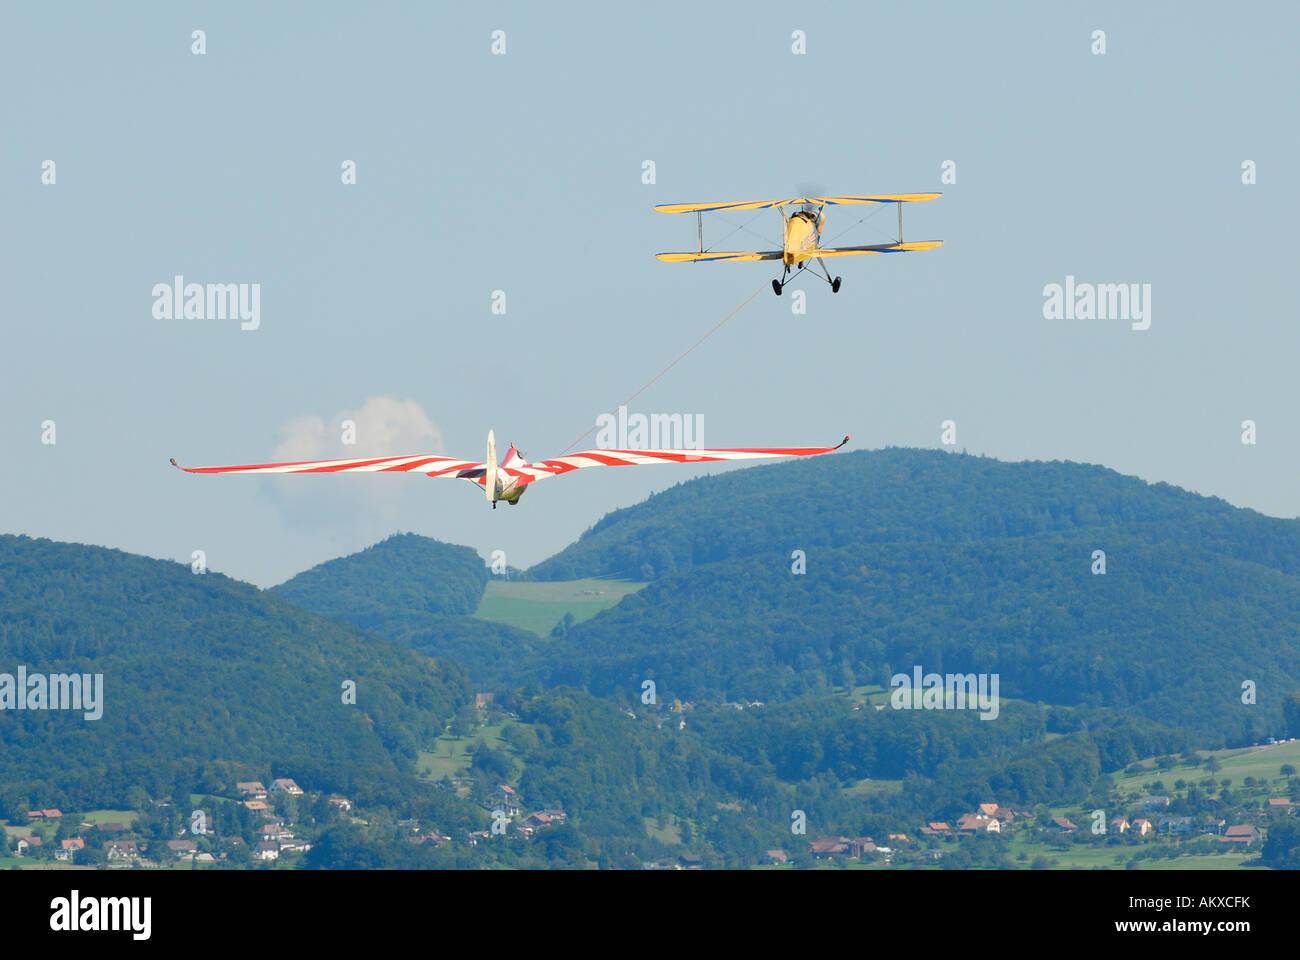 Sail-glisser avec deux avions historiques - Reinach, Suisse, Europe. Photo Stock